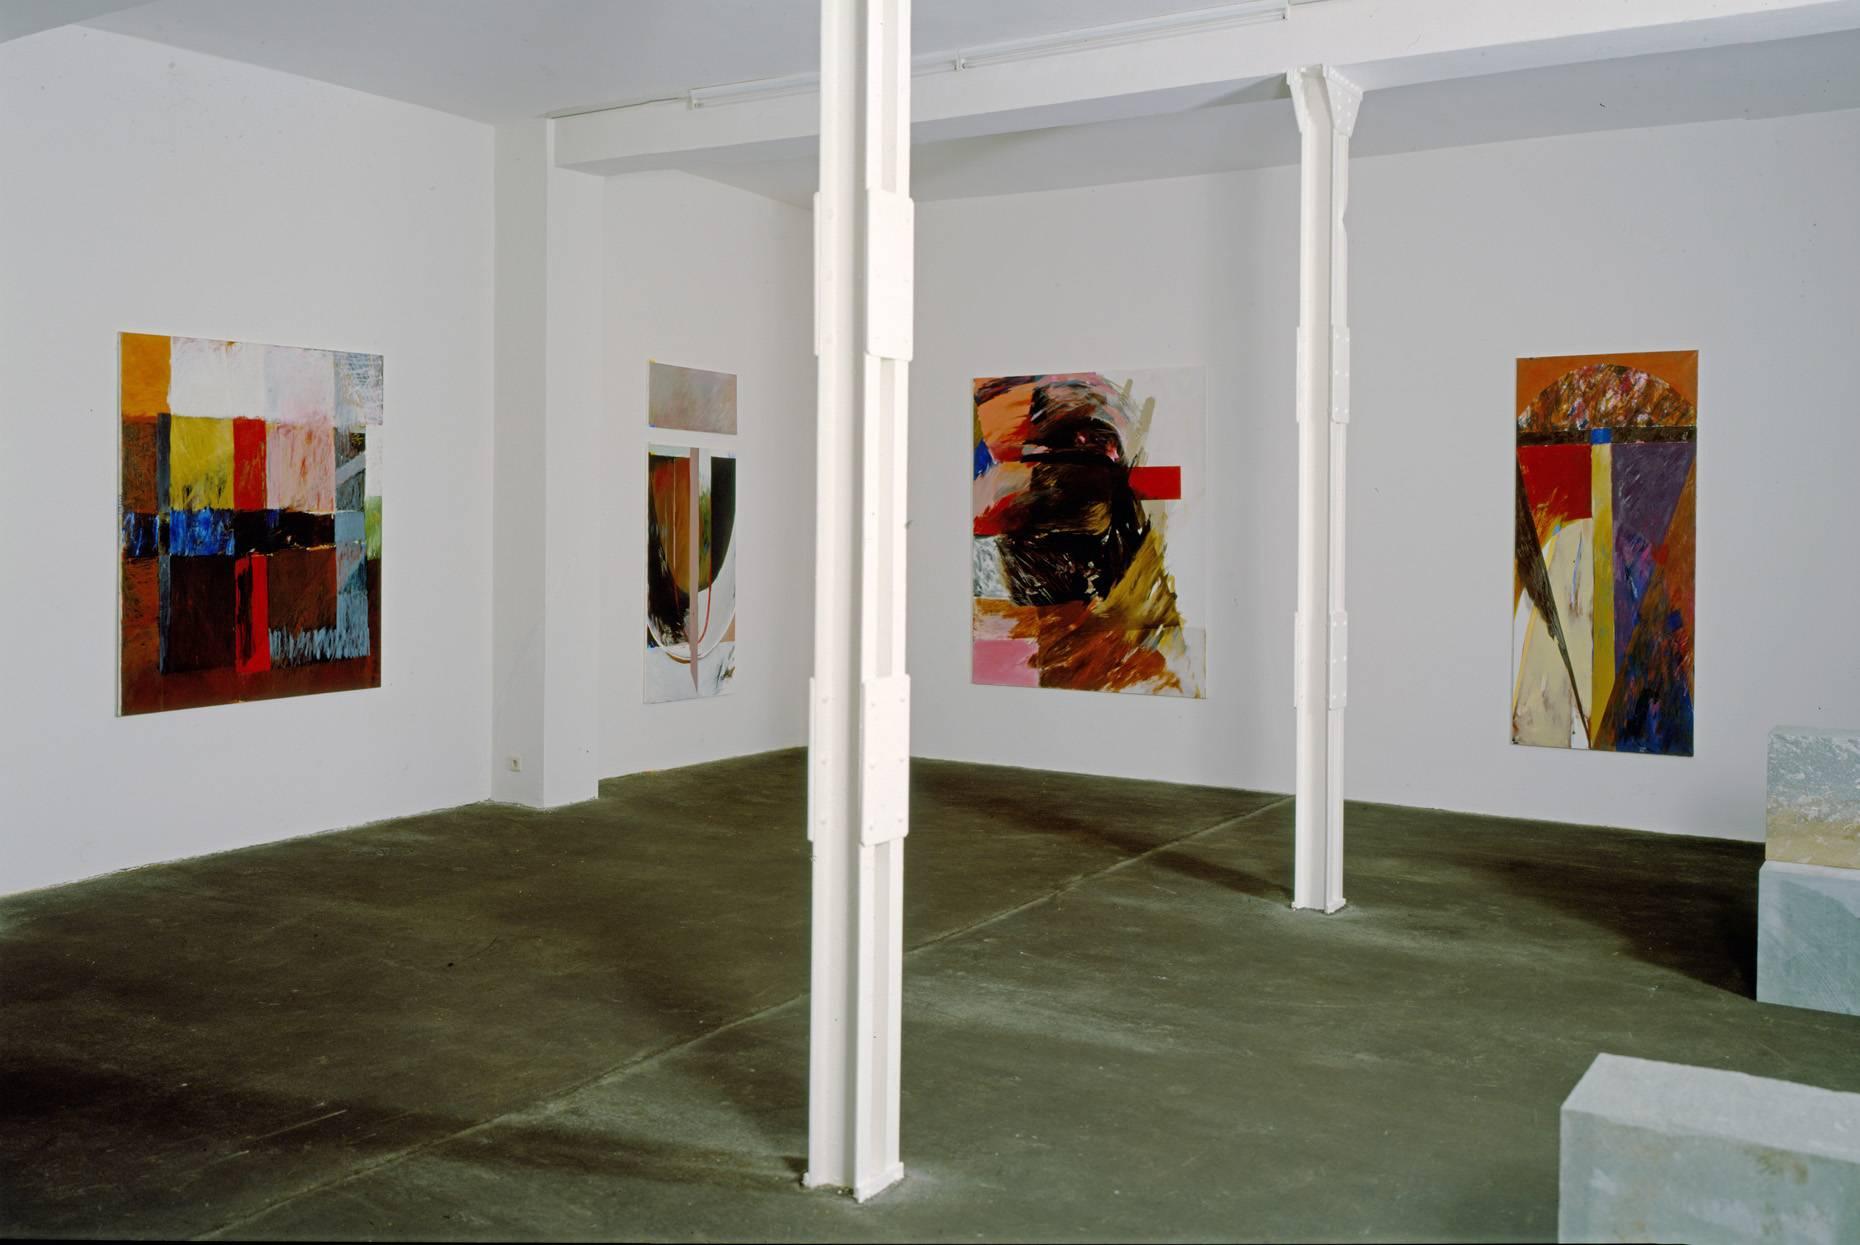 Berlin in Köln 1987 Teilansicht der Ausstellung Auf der Mauer Galerie Wilkens & Jacobs